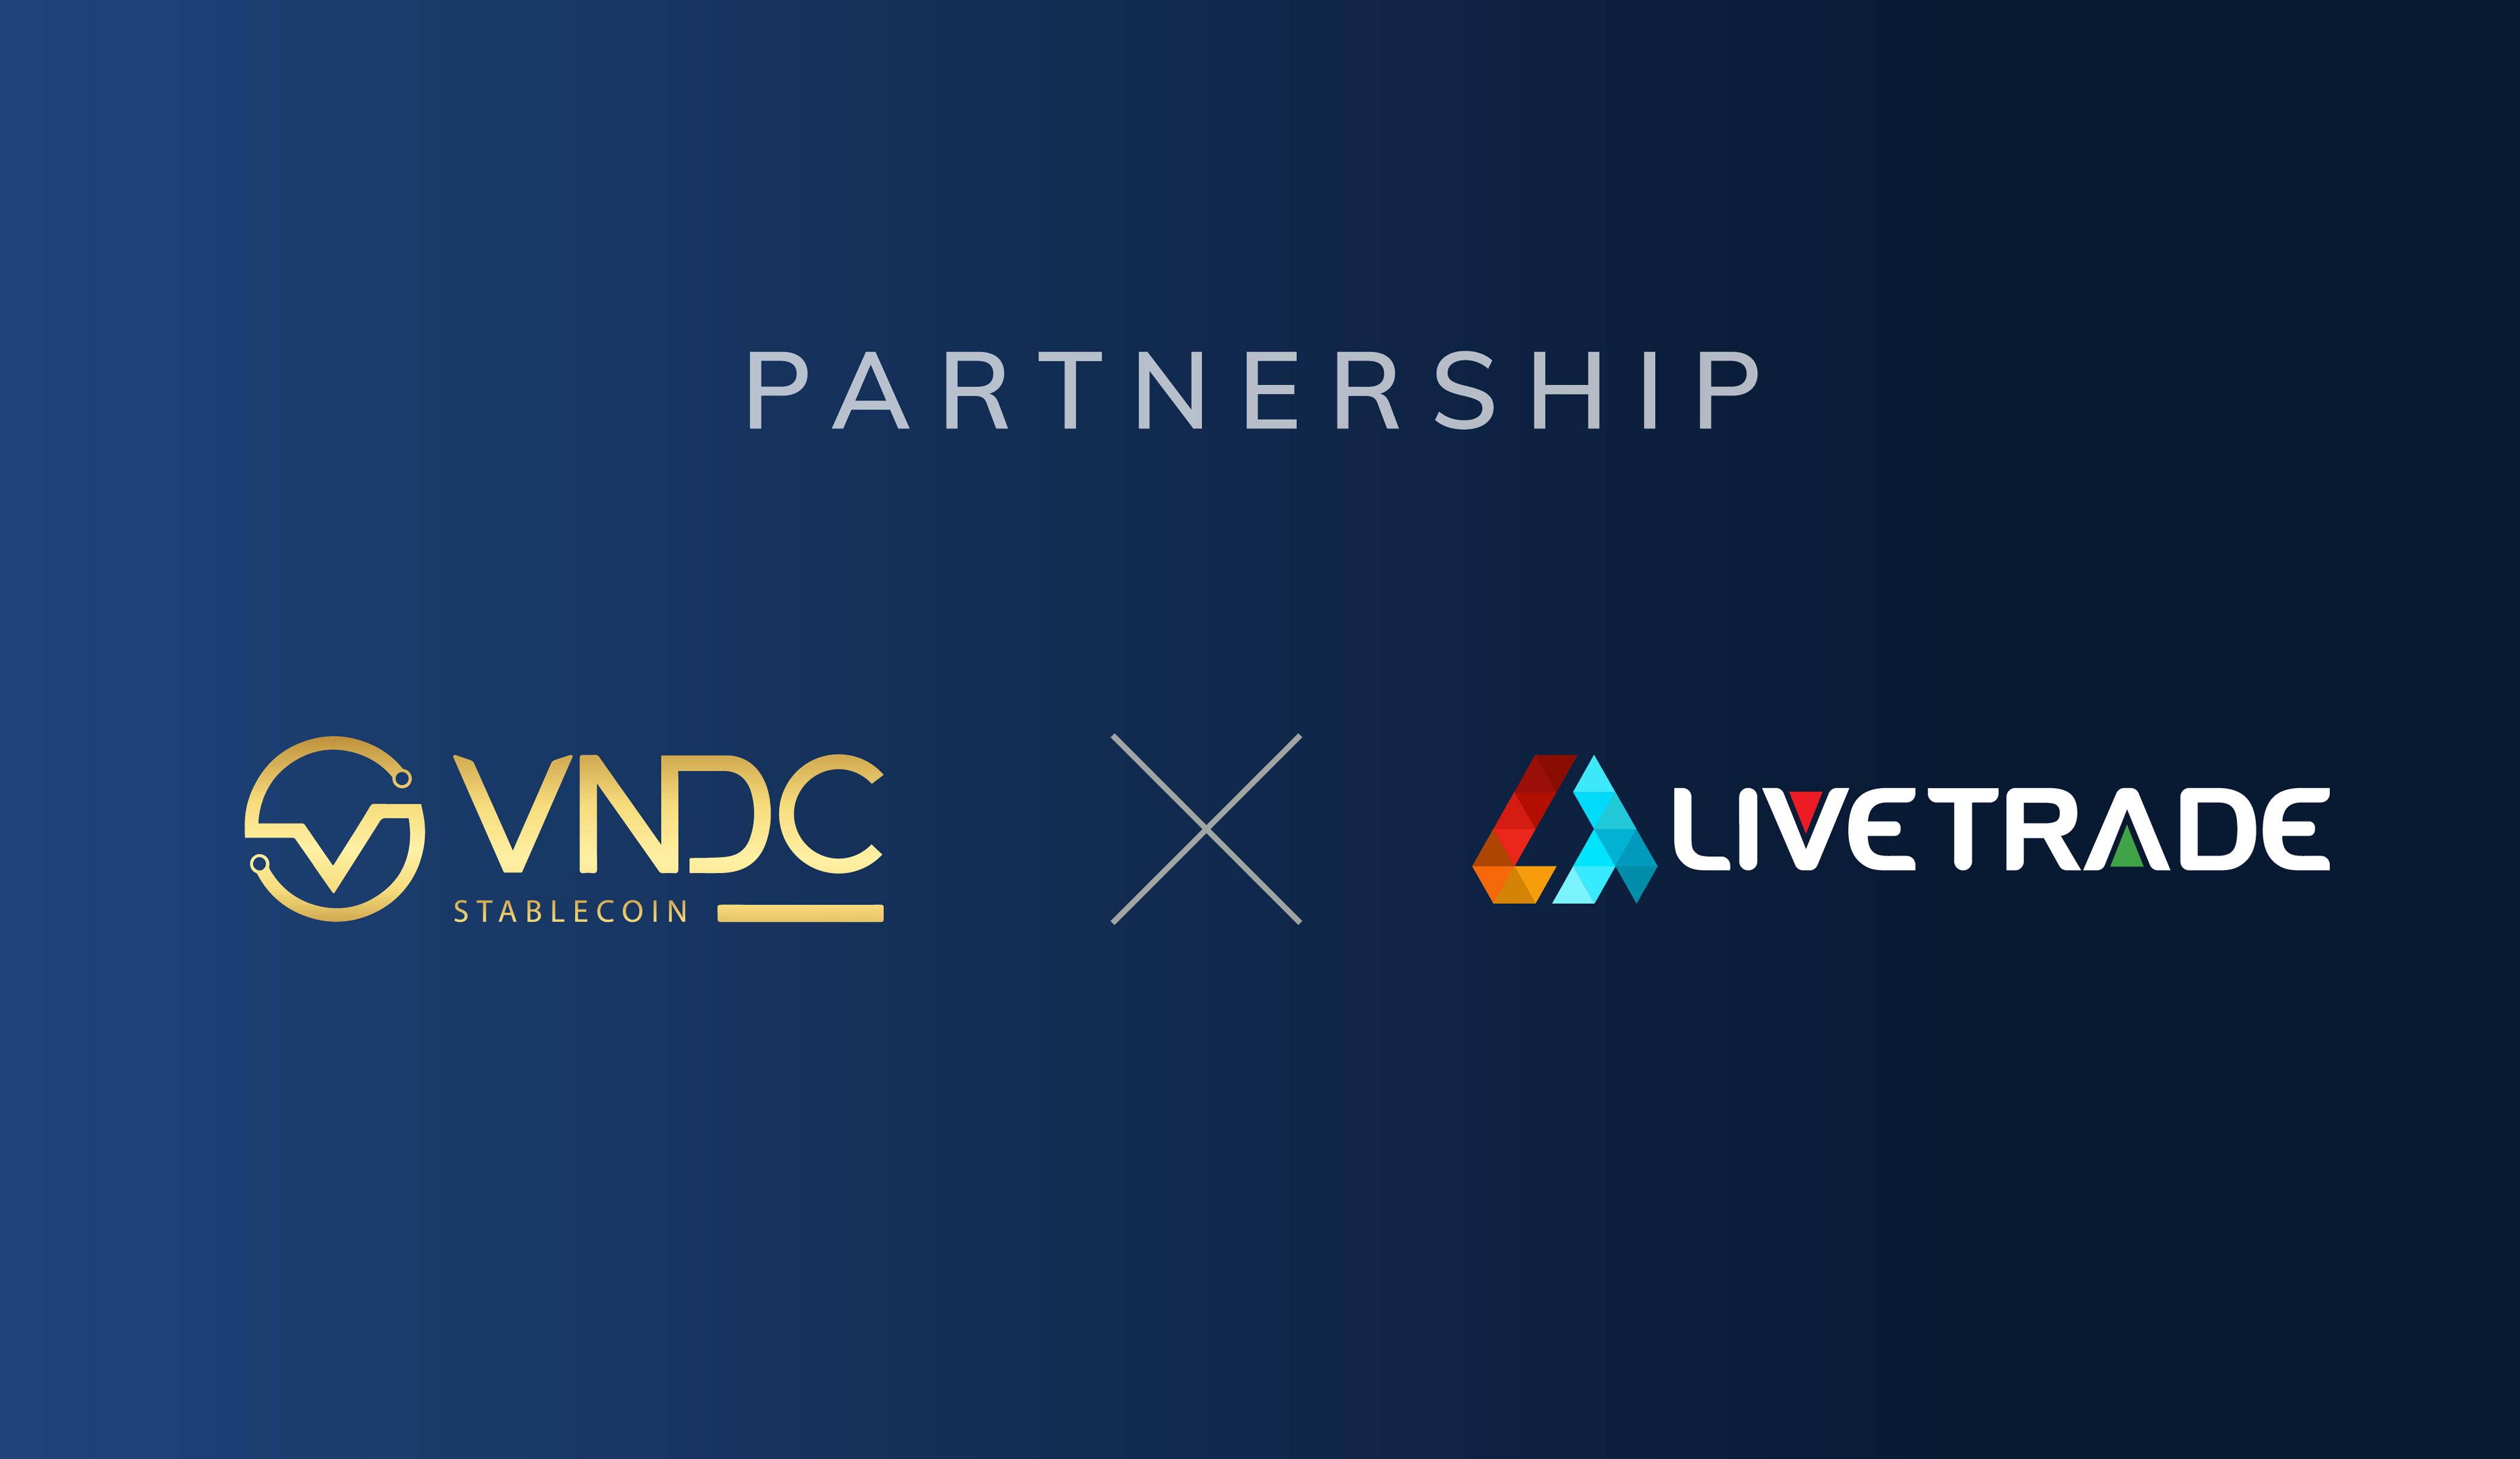 VNDC x Livetrade: Hợp tác xây dựng nền tảng DIPO cho người Việt